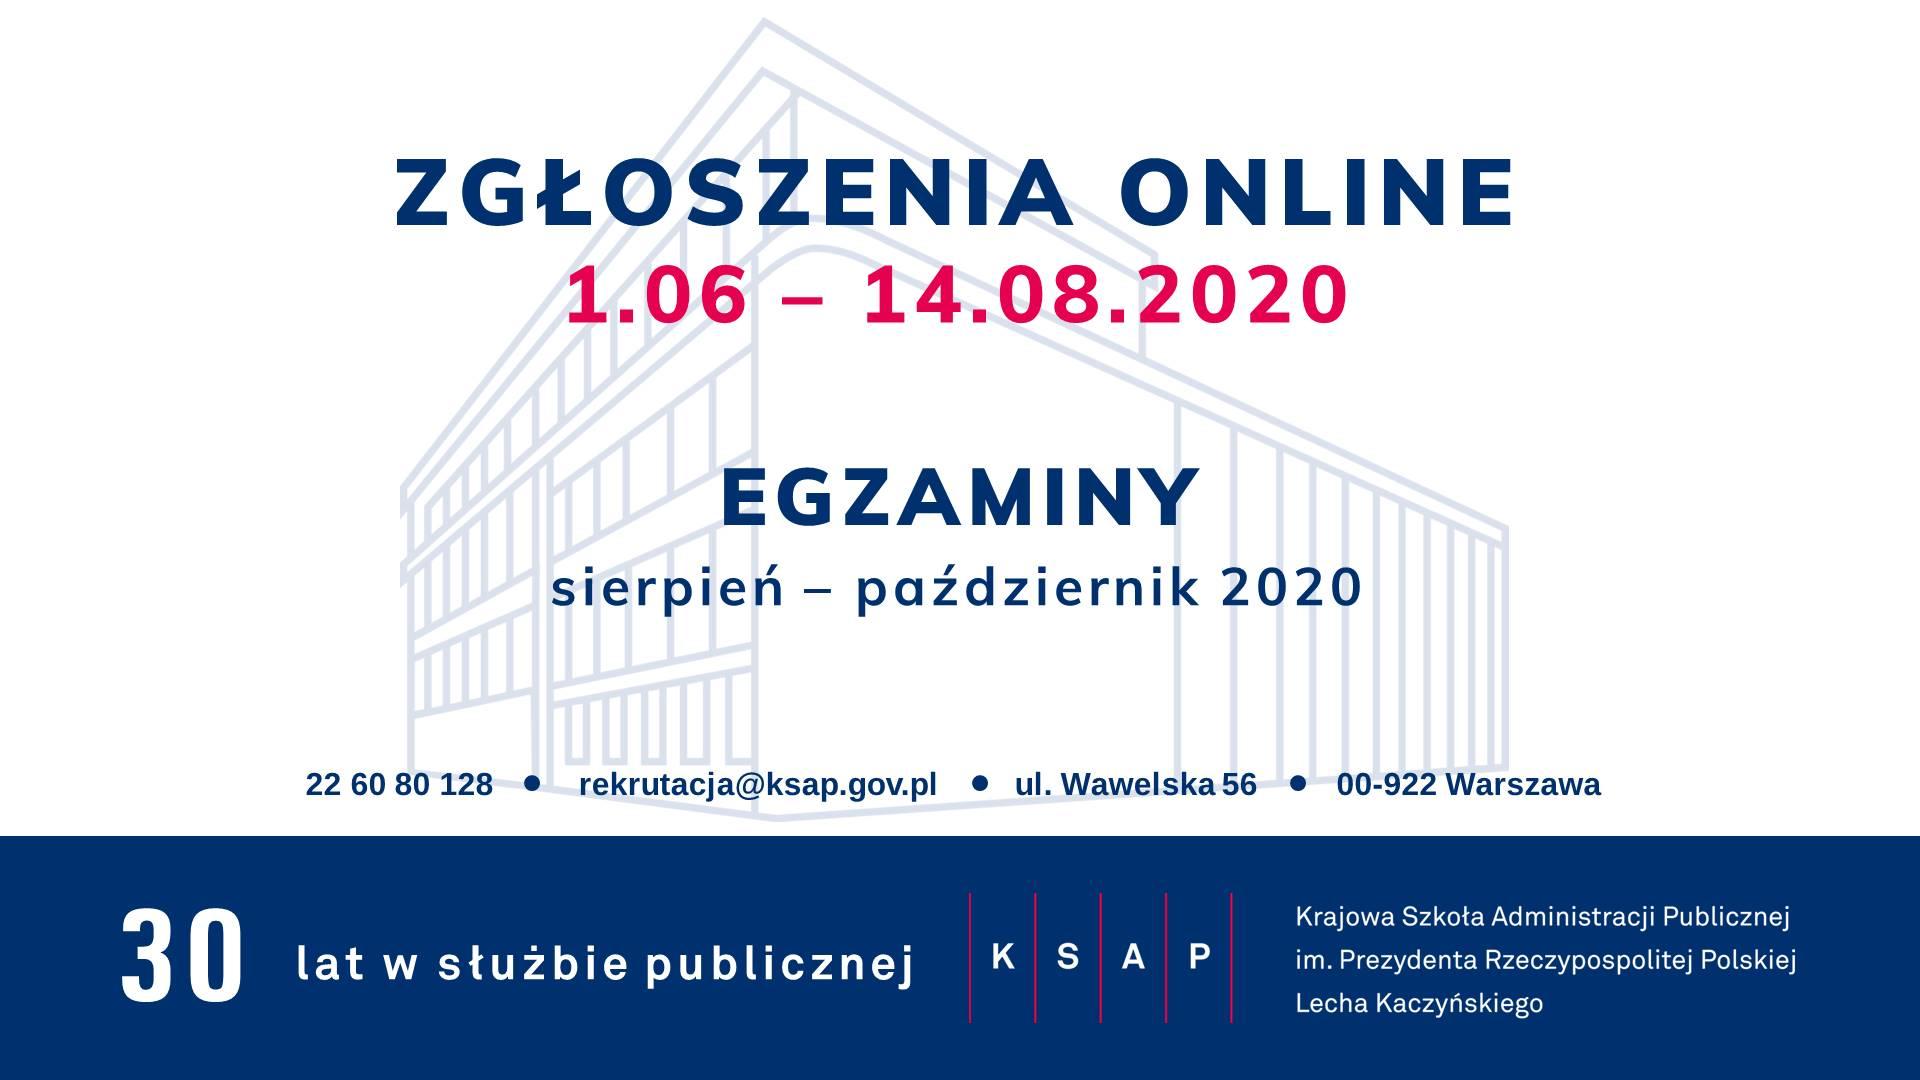 Ulotka informująca o rekrutacji do KSAP. Zgłoszenia do 14 sierpnia, egzaminy sierpień - październik